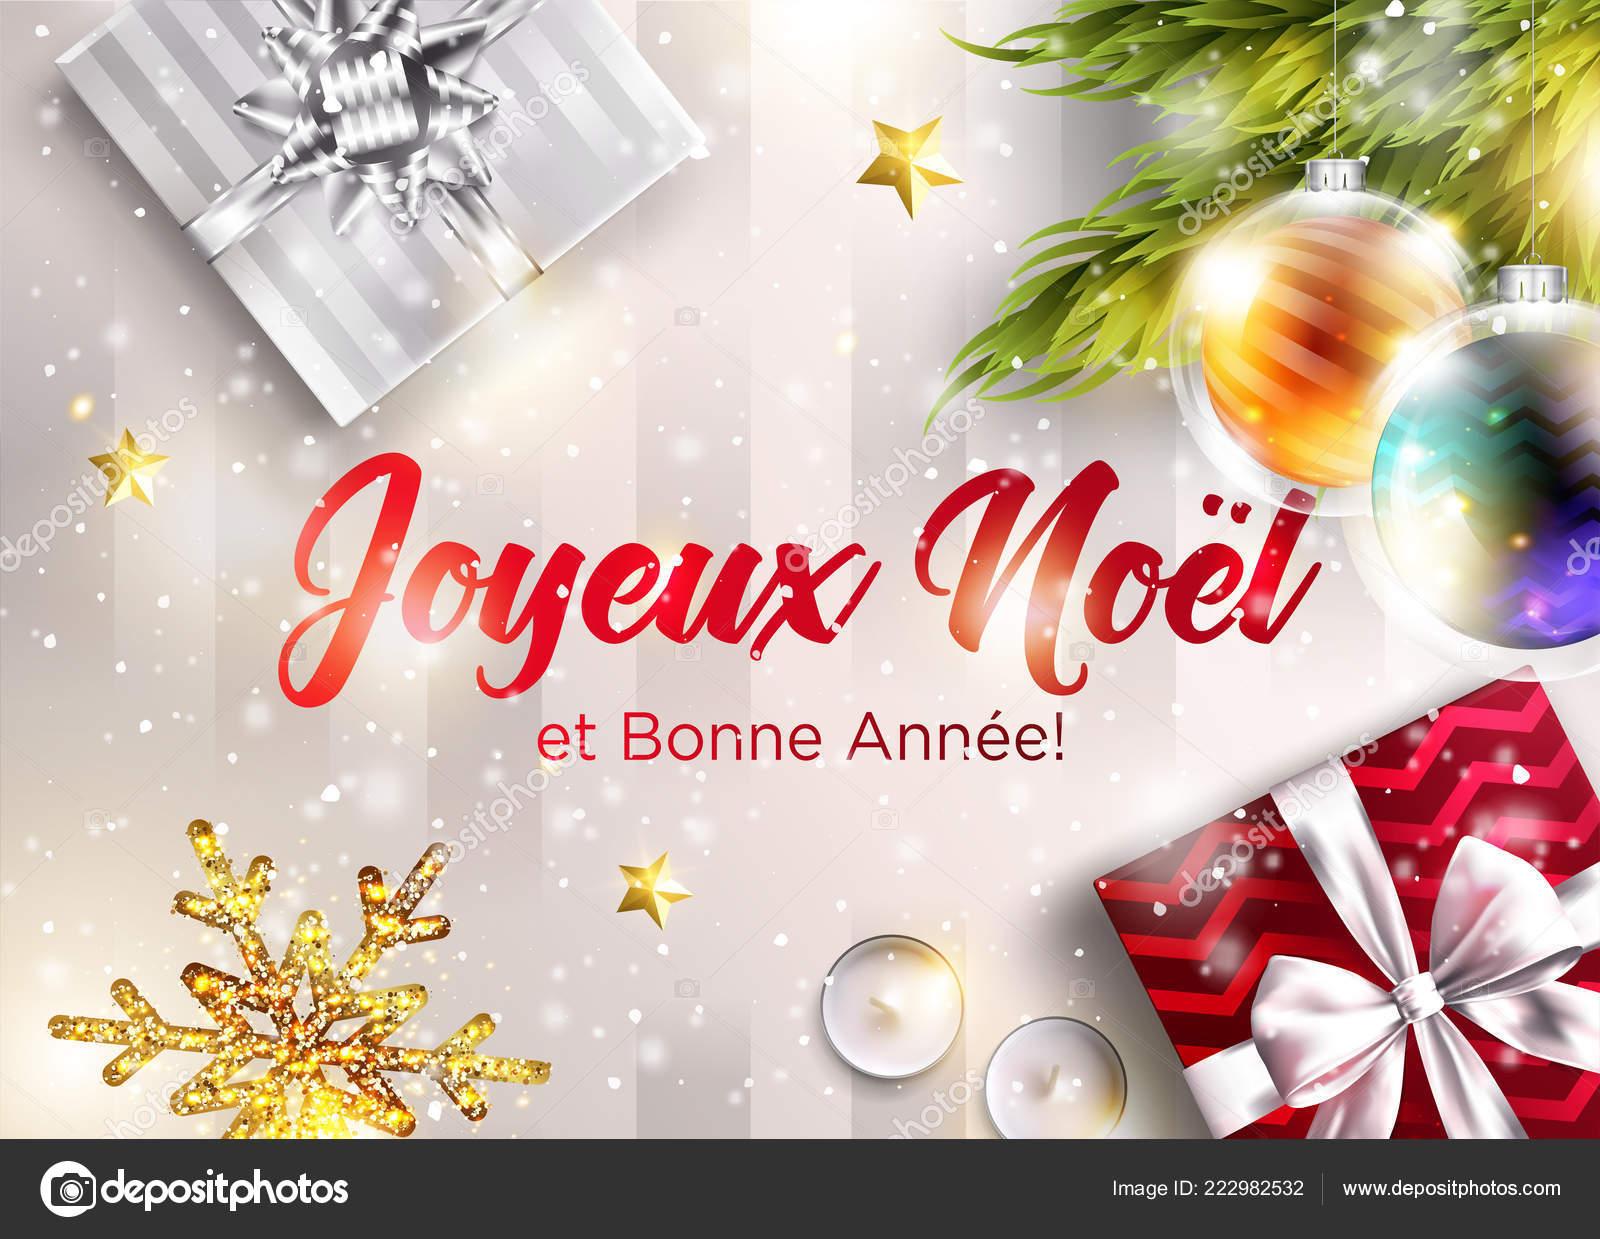 Auguri Di Buon Natale E Felice Anno Nuovo In Francese.Joyeux Noel Bonne Annee Buon Natale Felice Anno Nuovo